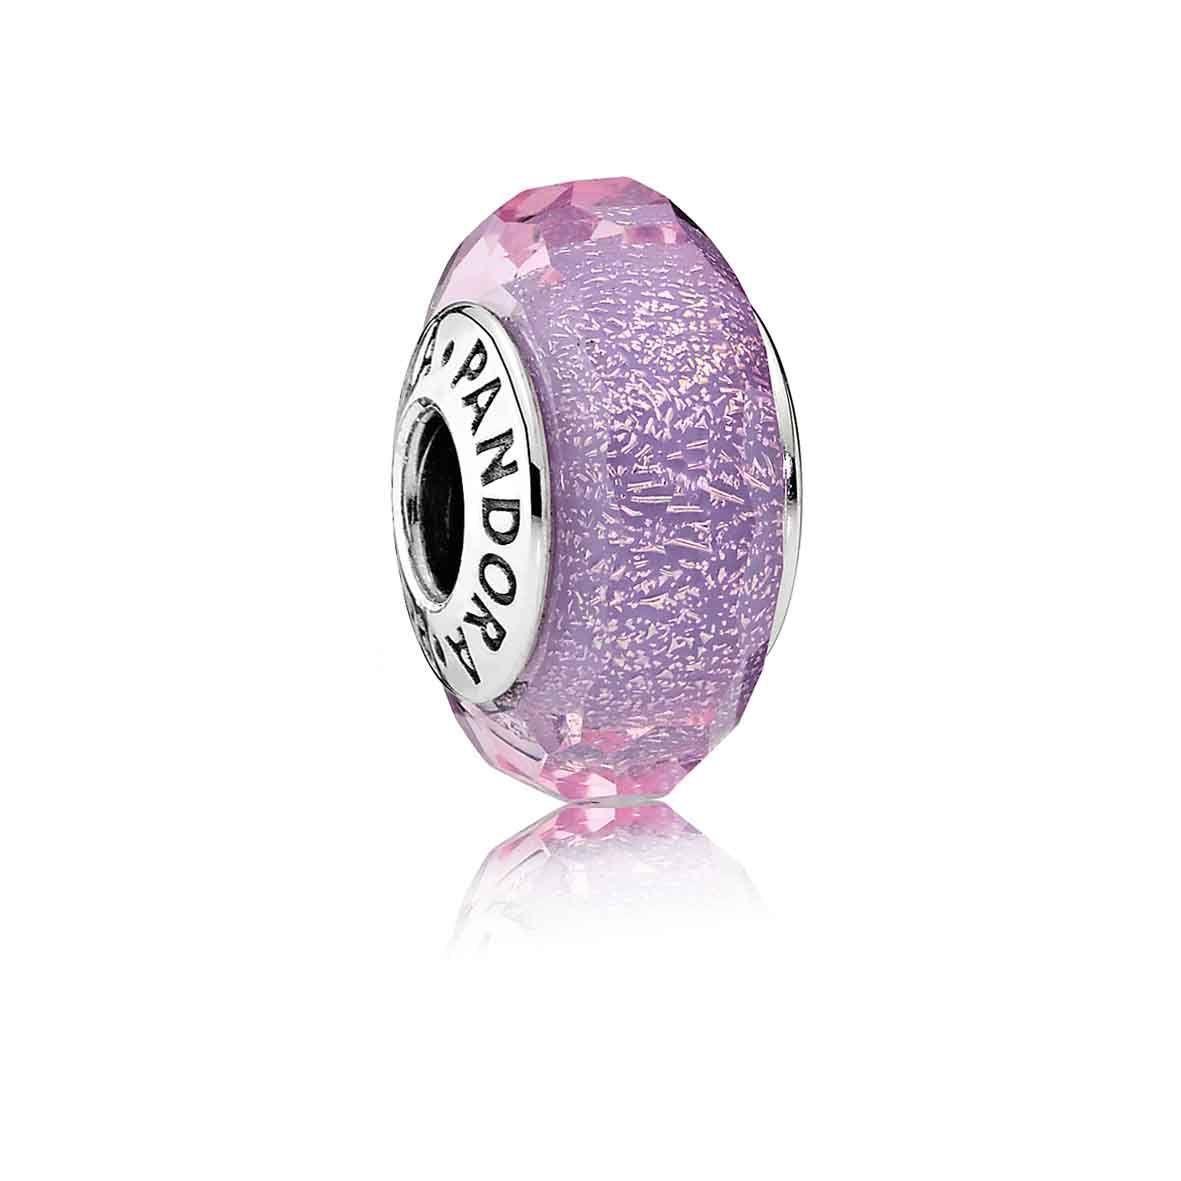 Шарм с переливающимся пурпурным ограненным муранским стеклом